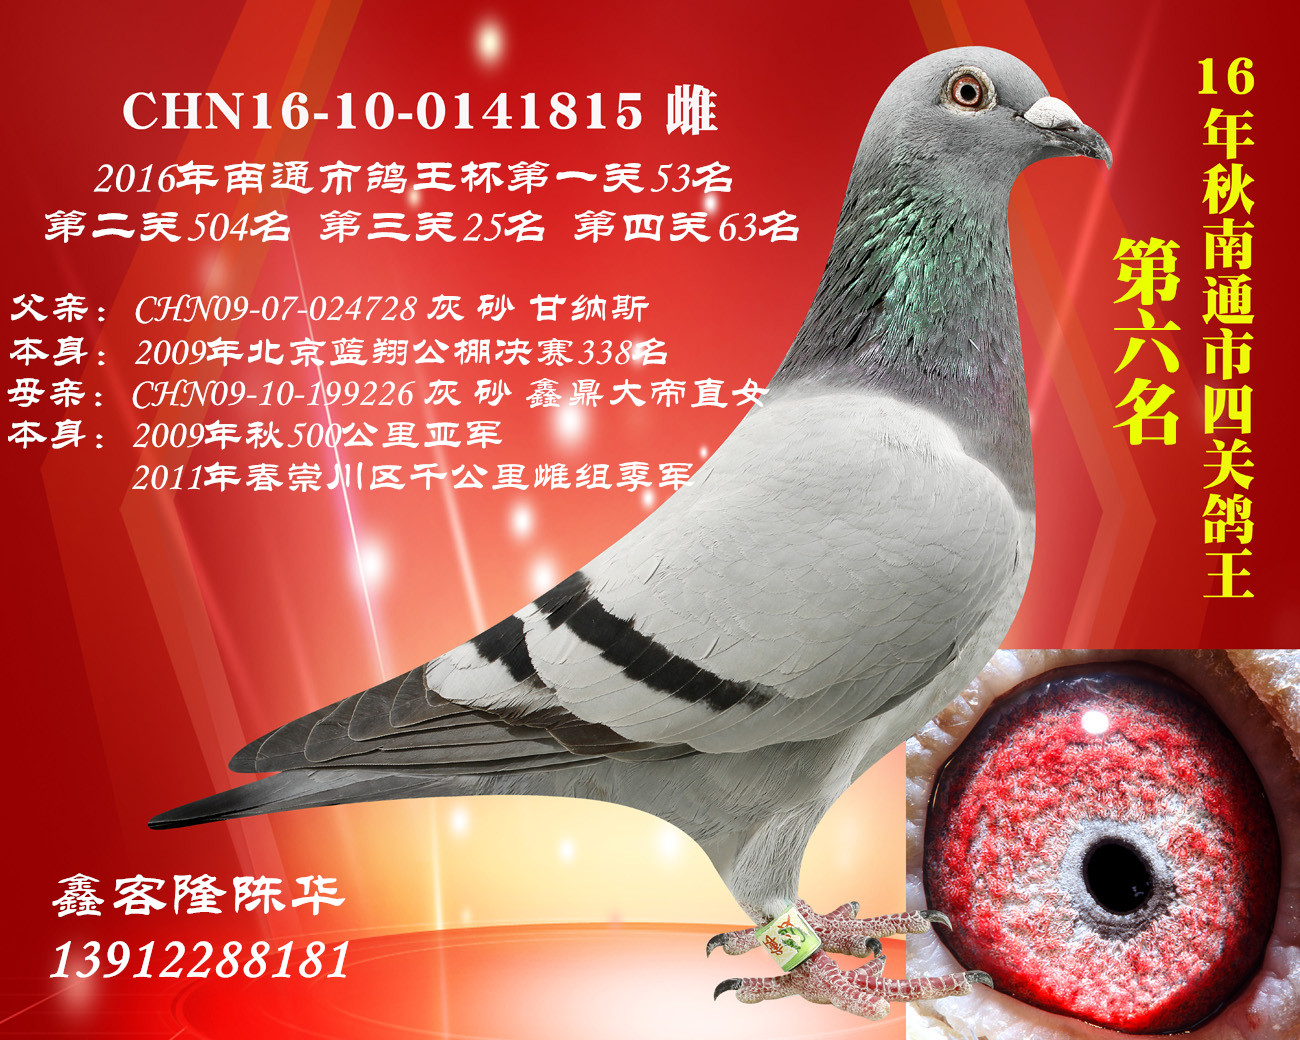 四关鸽子6名已售河北荆州陈总